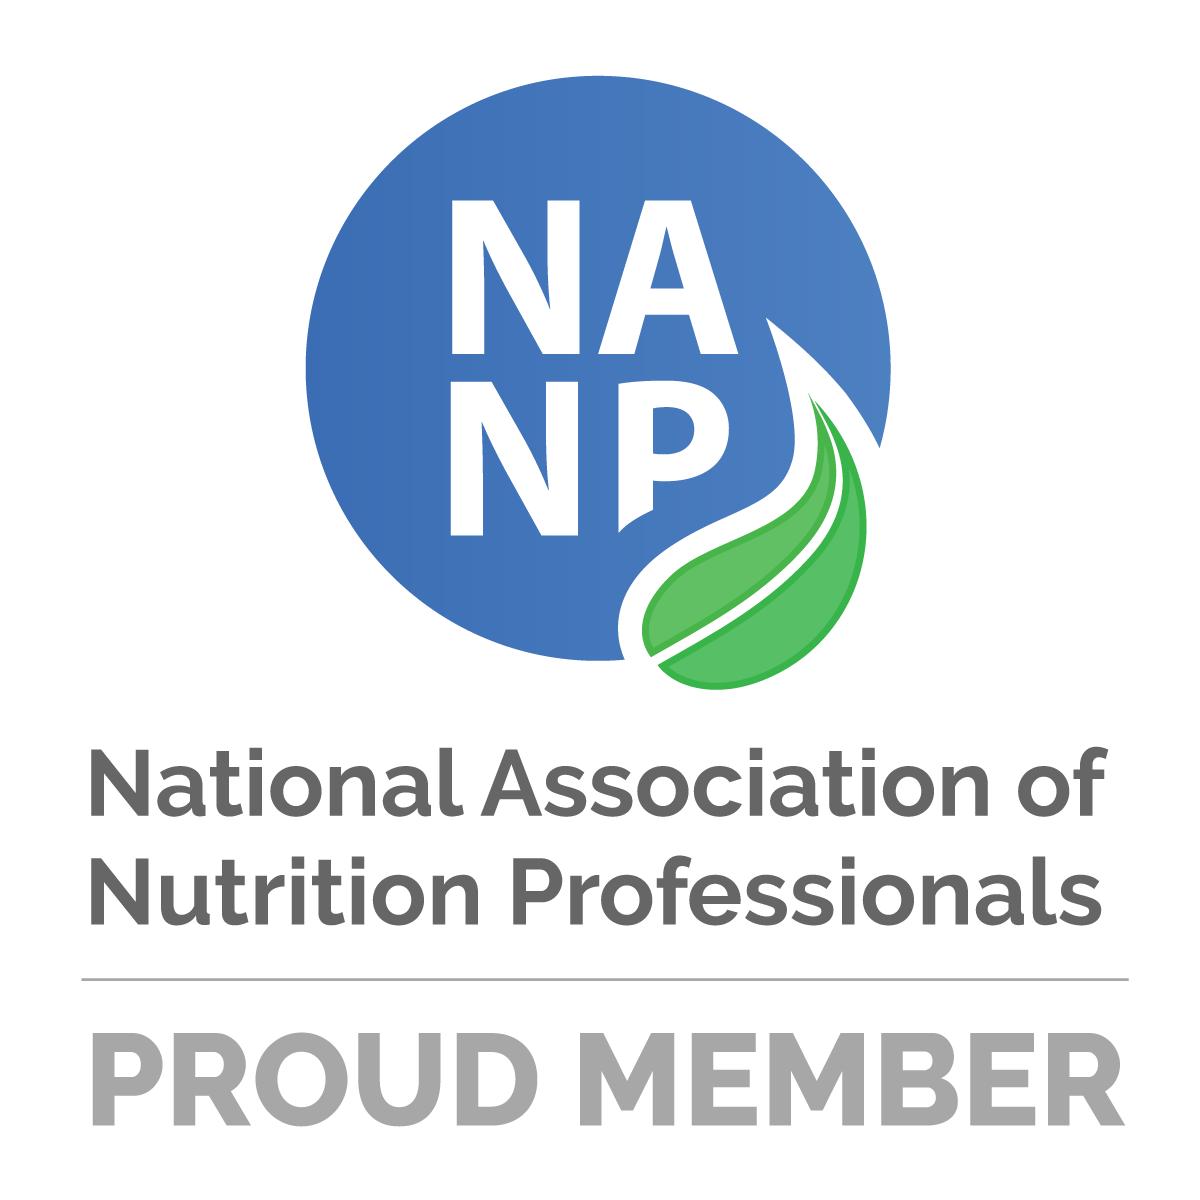 NANP Proud Member Logo 1200x1200.png